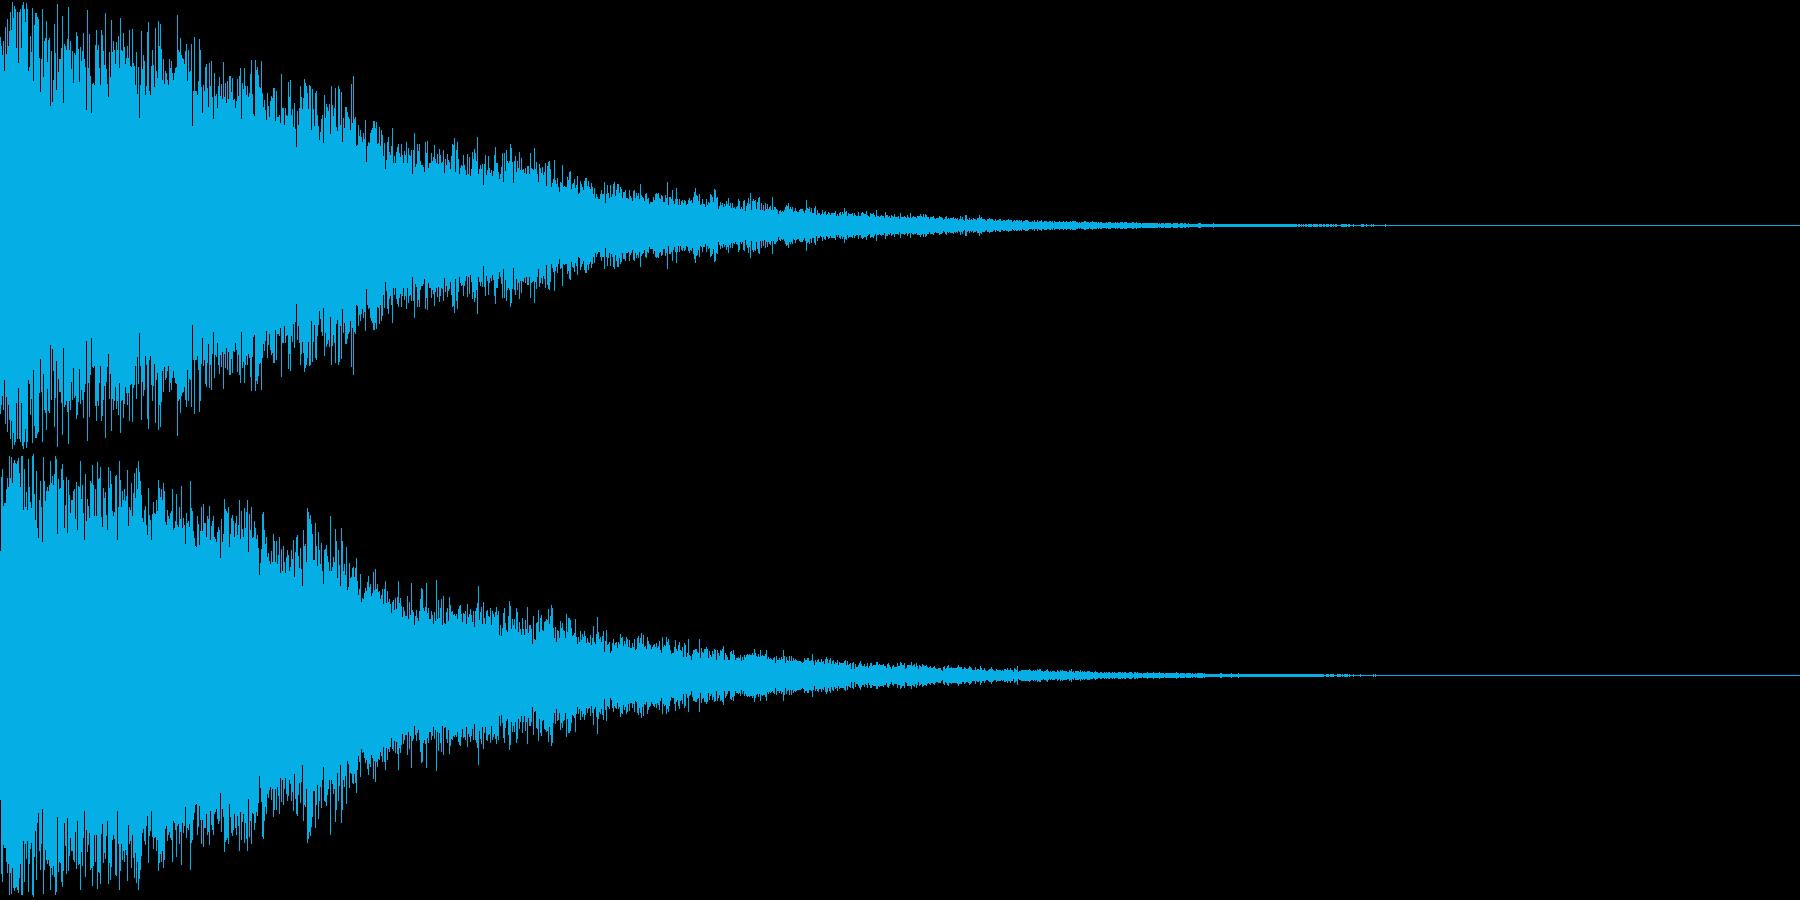 刀 剣 ソード カキーン キュイーン19の再生済みの波形